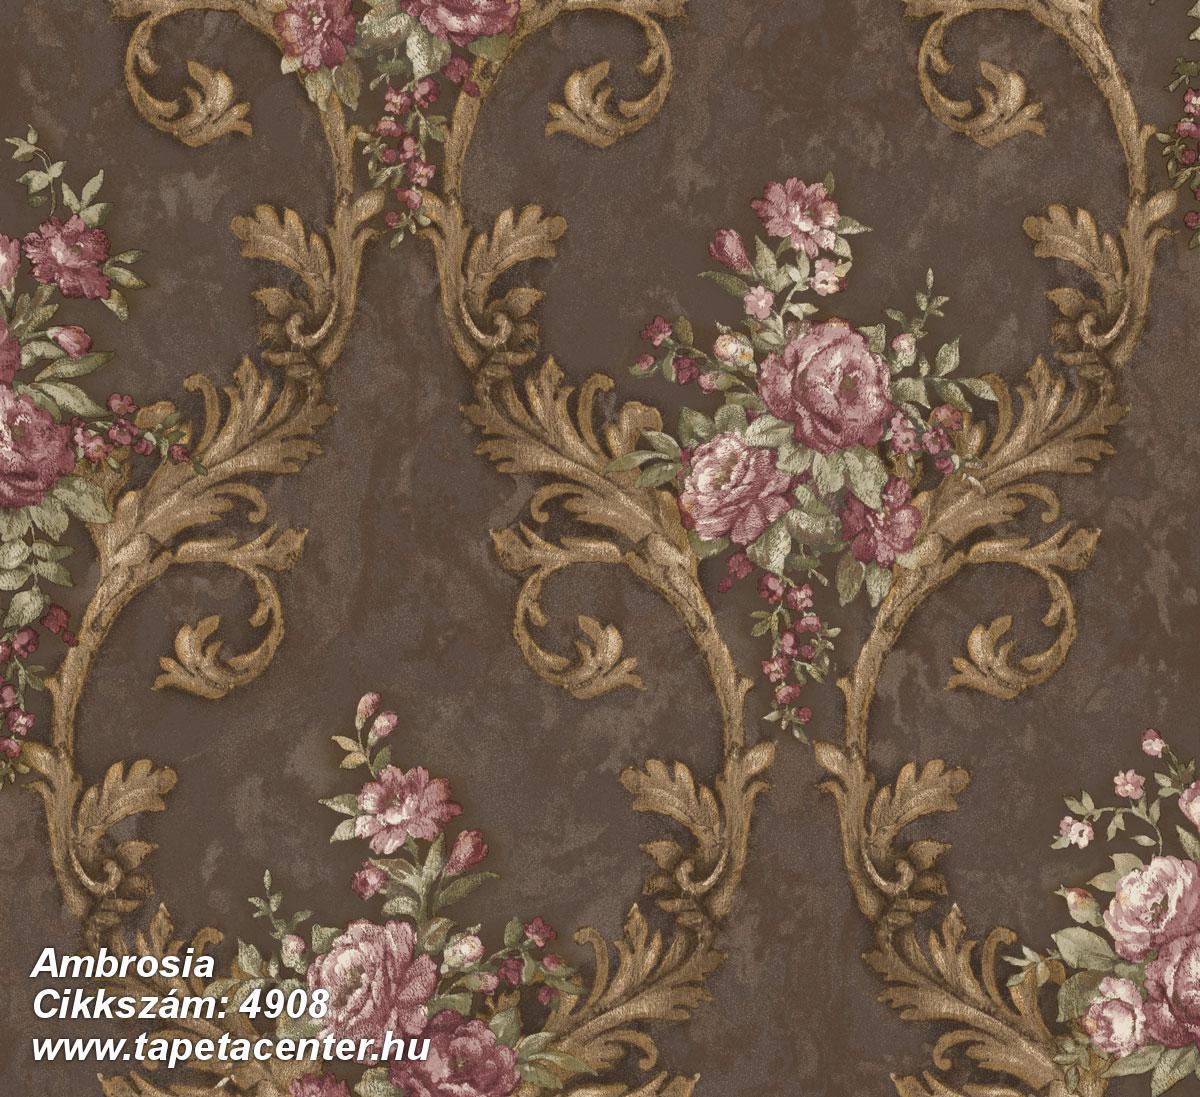 Barokk-klasszikus,természeti mintás,textil hatású,virágmintás,arany,barna,fehér,pink-rózsaszín,súrolható,vlies tapéta